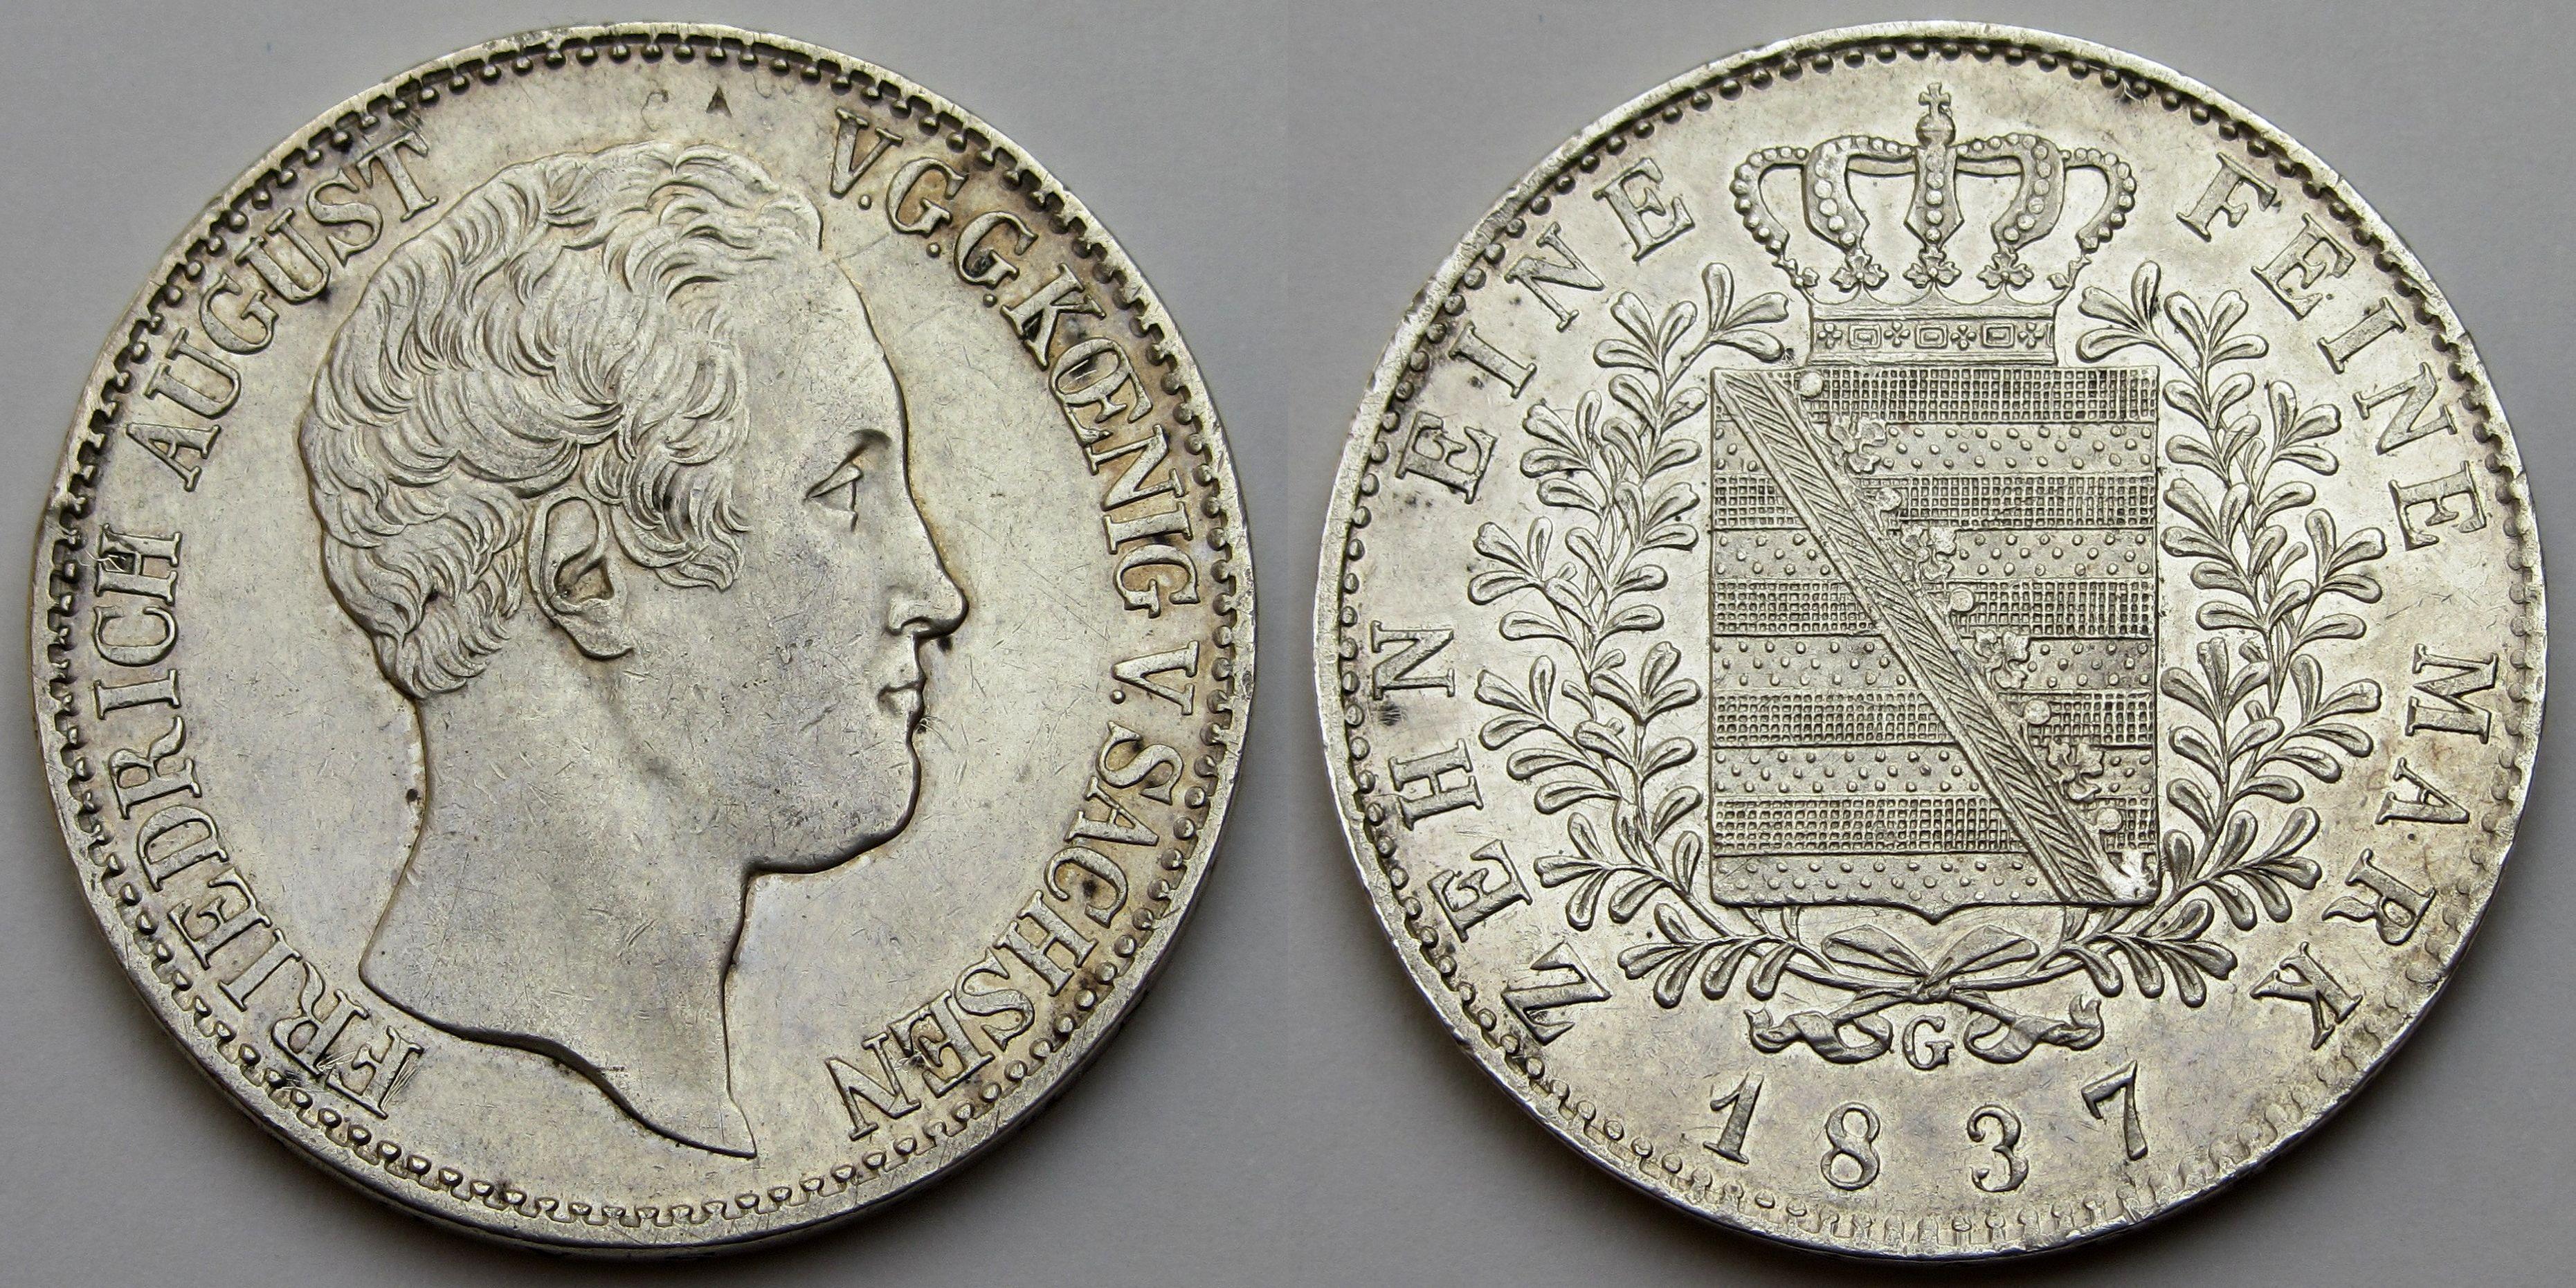 Speziestaler 1837.jpg